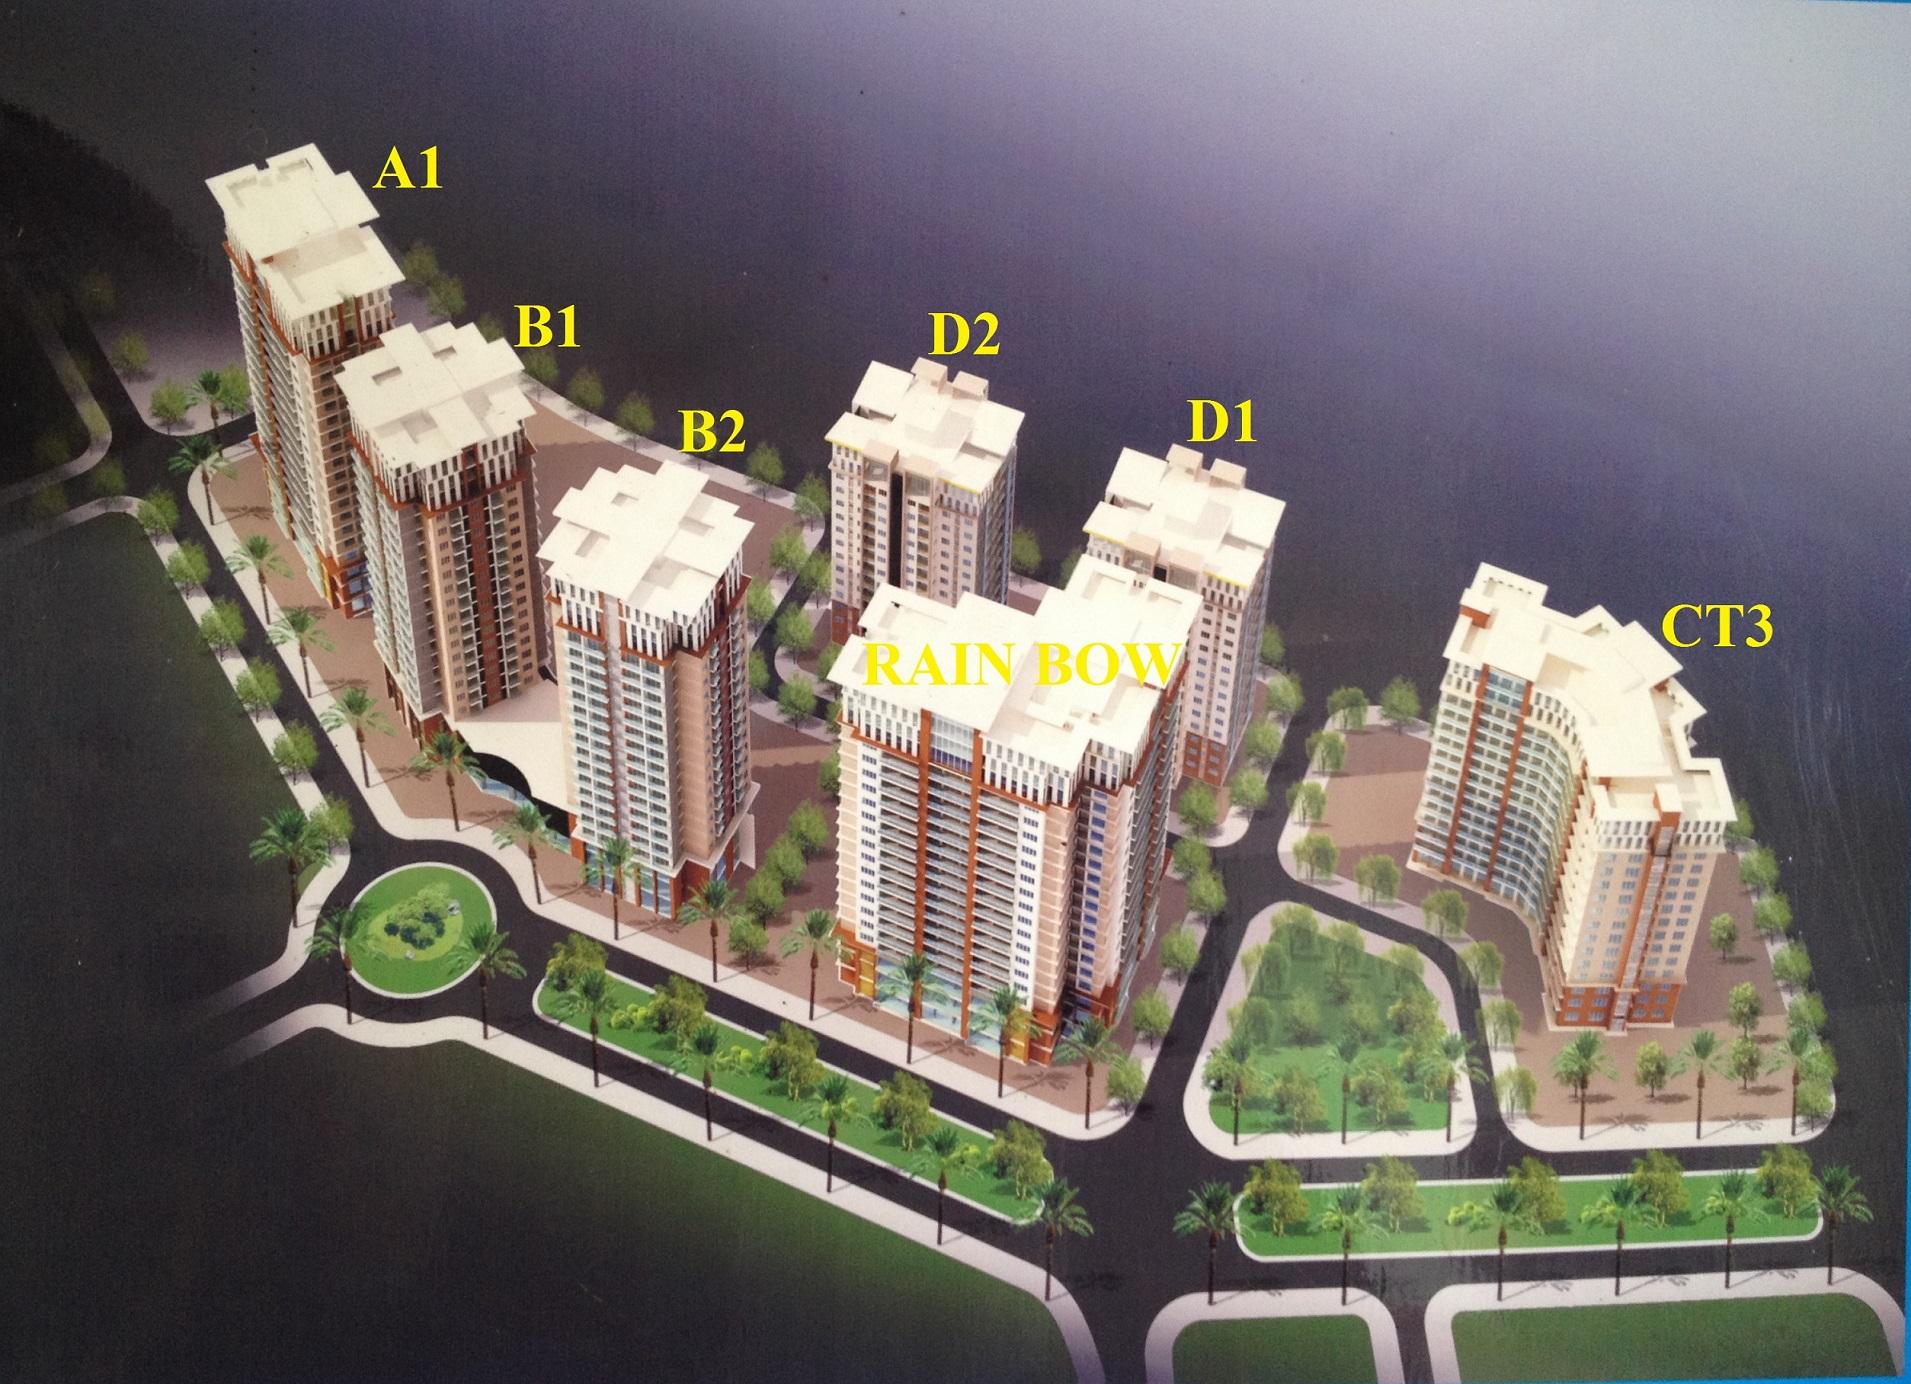 Mua chung cư ở Hà Nội dưới 2 tỷ ở ngay chất lượng dịch vụ tốt nhất 3